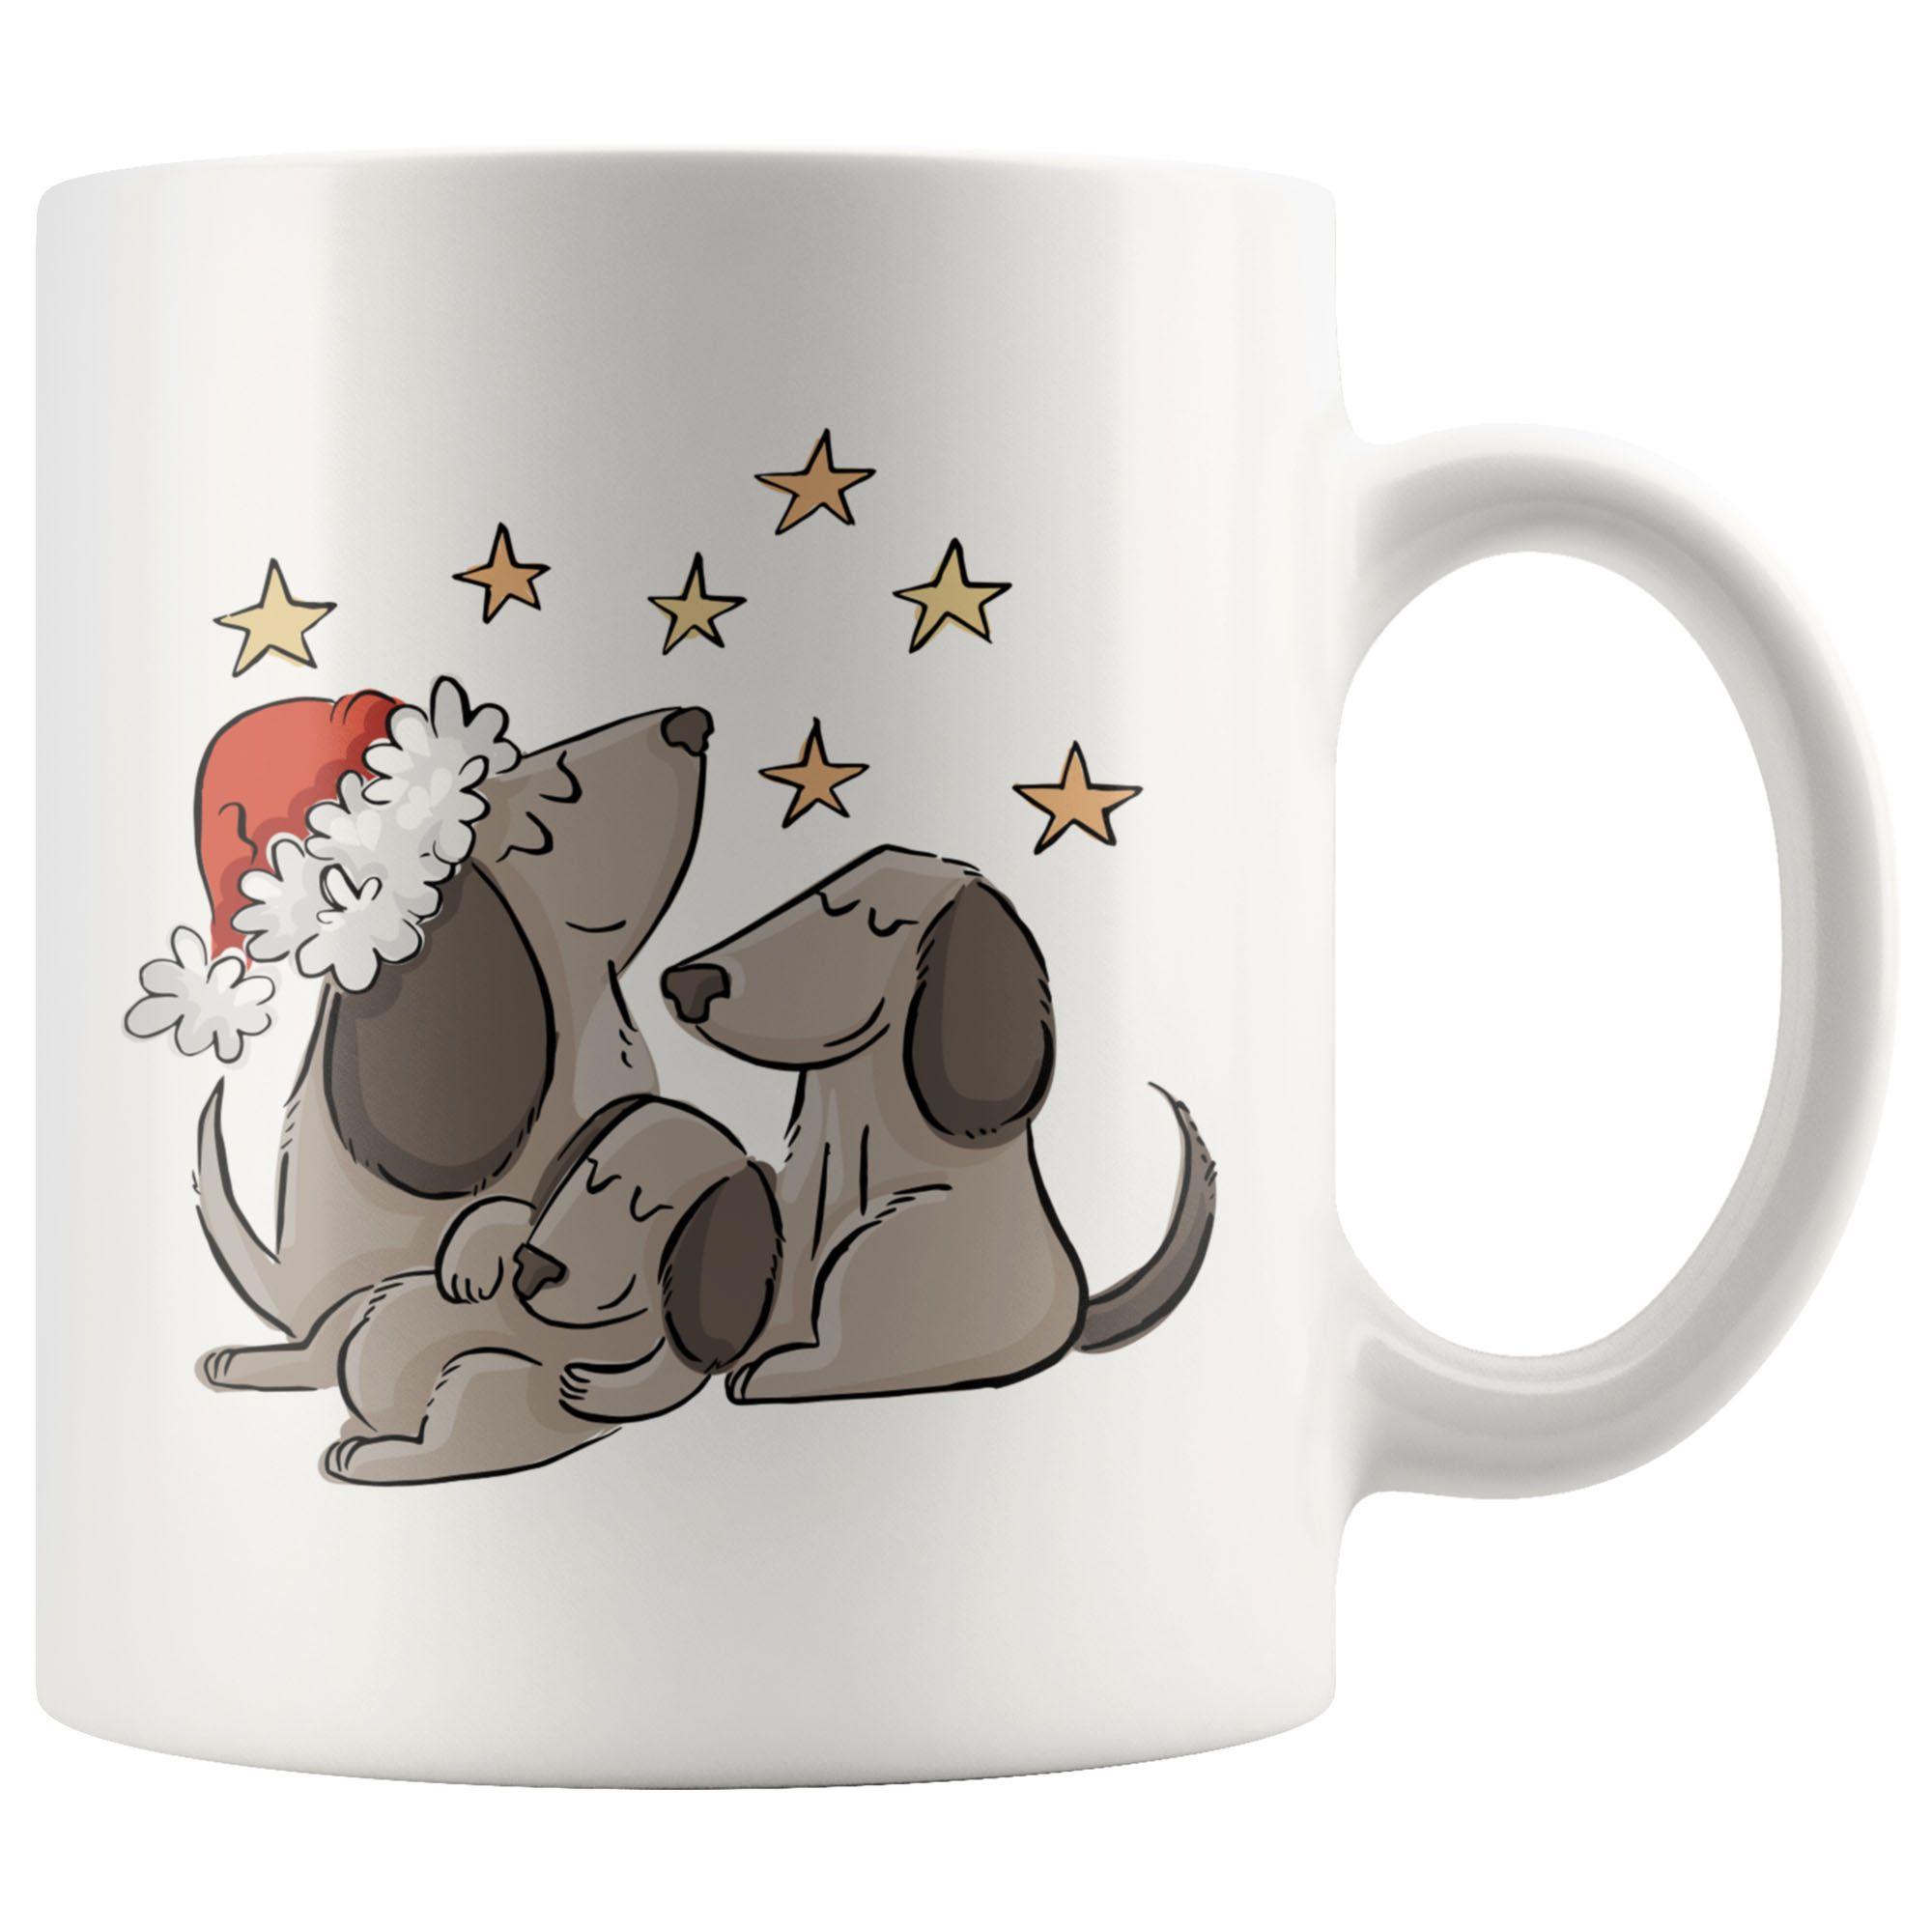 Funny Christmas Coffee Mug Christmas Dog Family